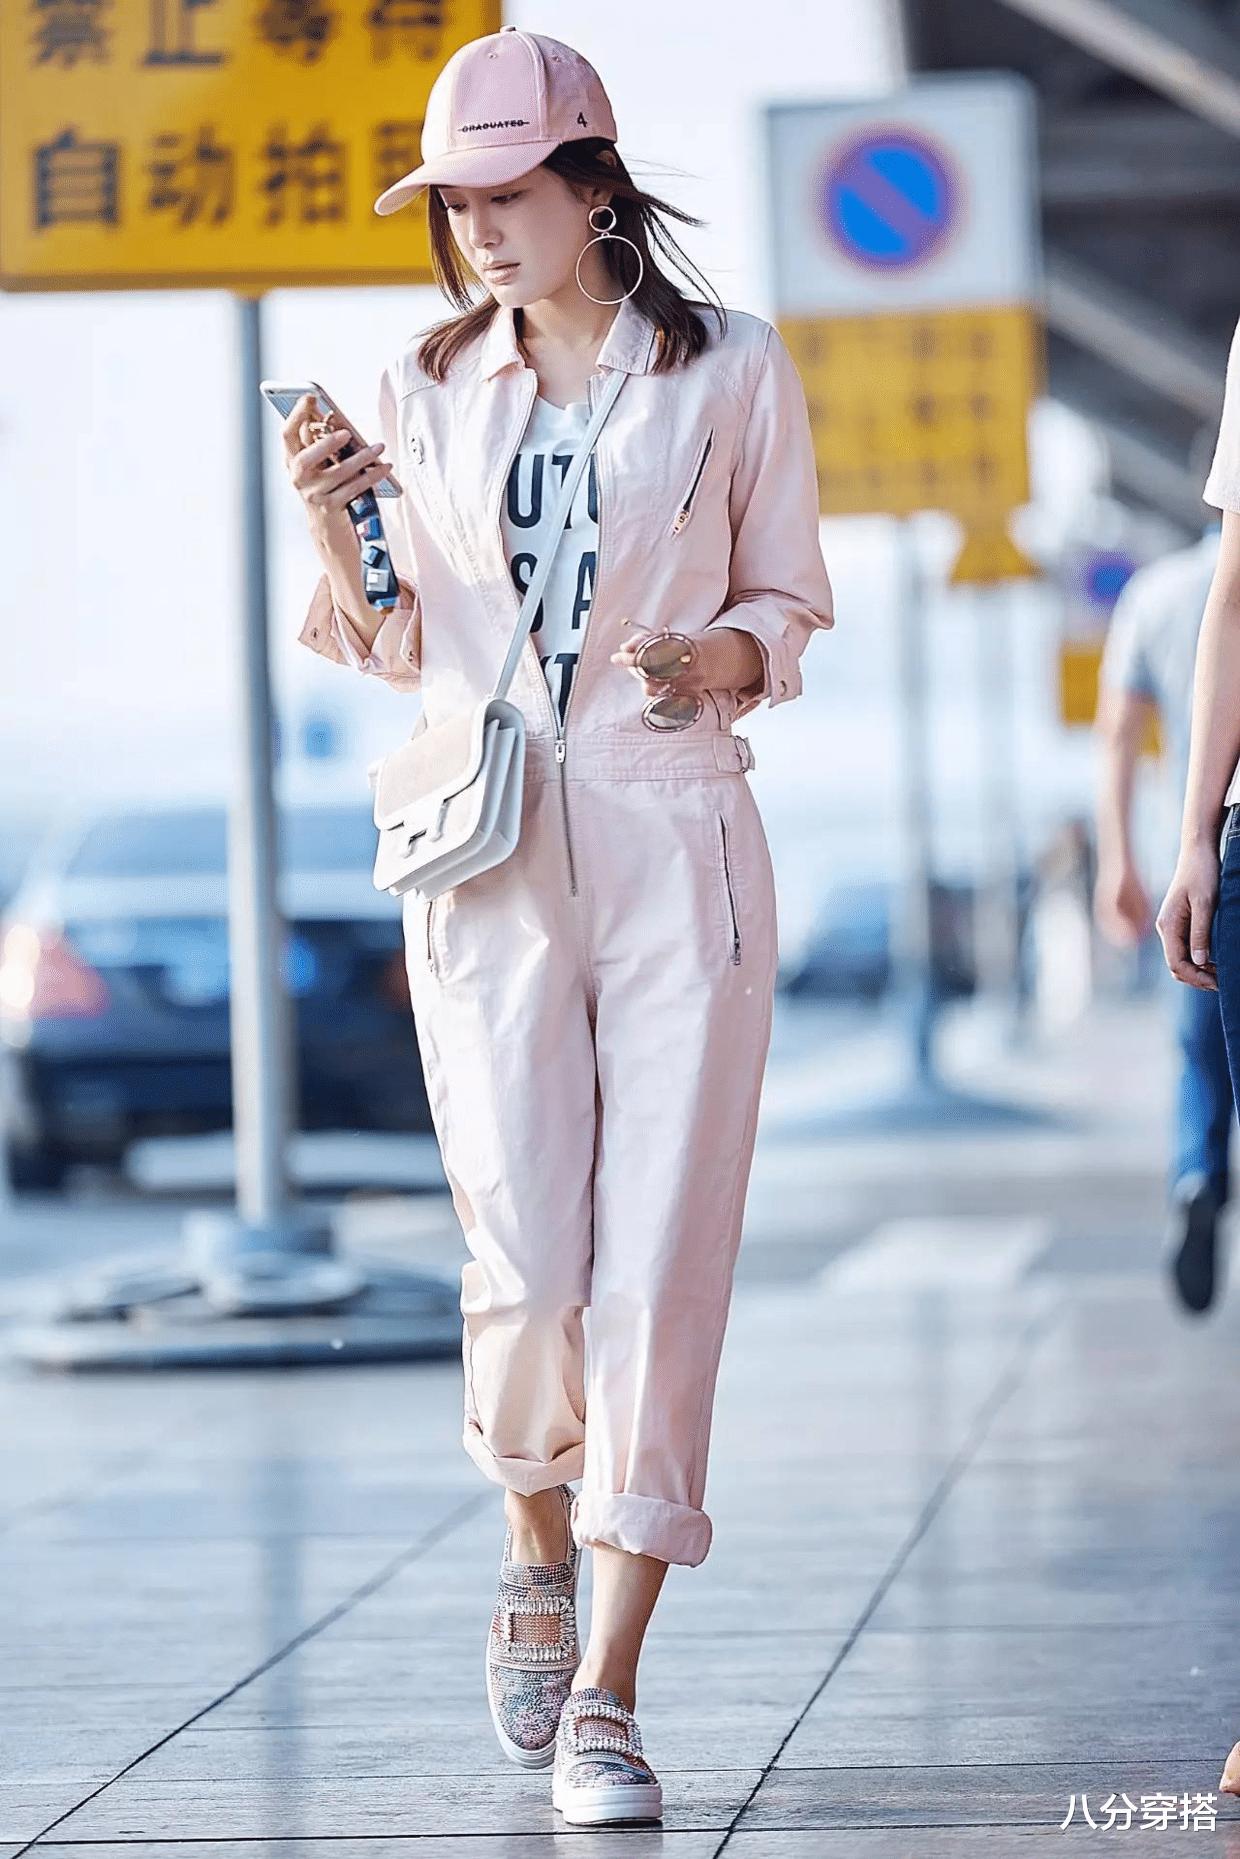 Ella陳嘉樺坐豪車亮相,一襲黑色抹胸連體褲,二八比例太驚艷-圖8